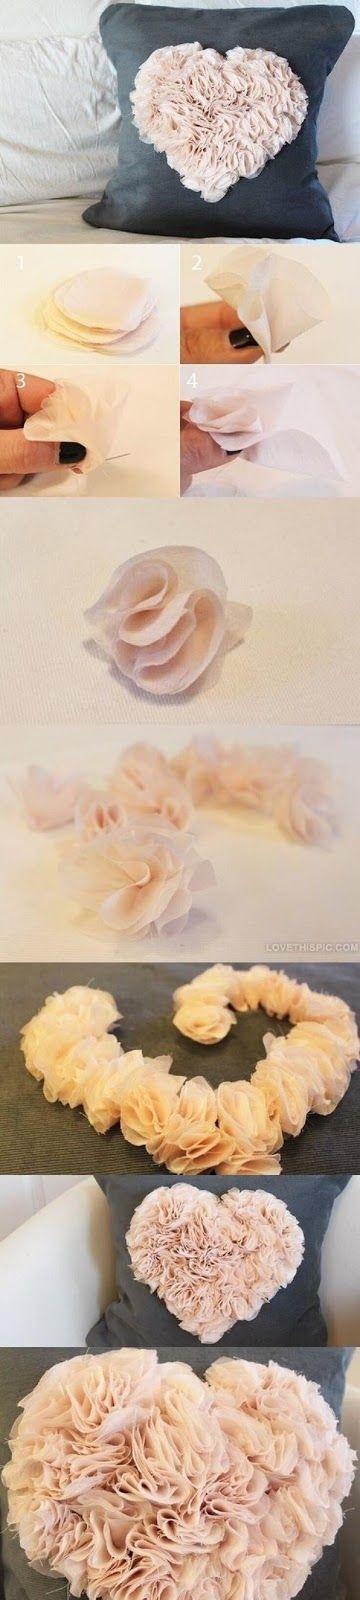 Dekoratif Yastık Modelleri - Neşeli Süs Evim - Ücretsiz Doğum Günü Süsleri